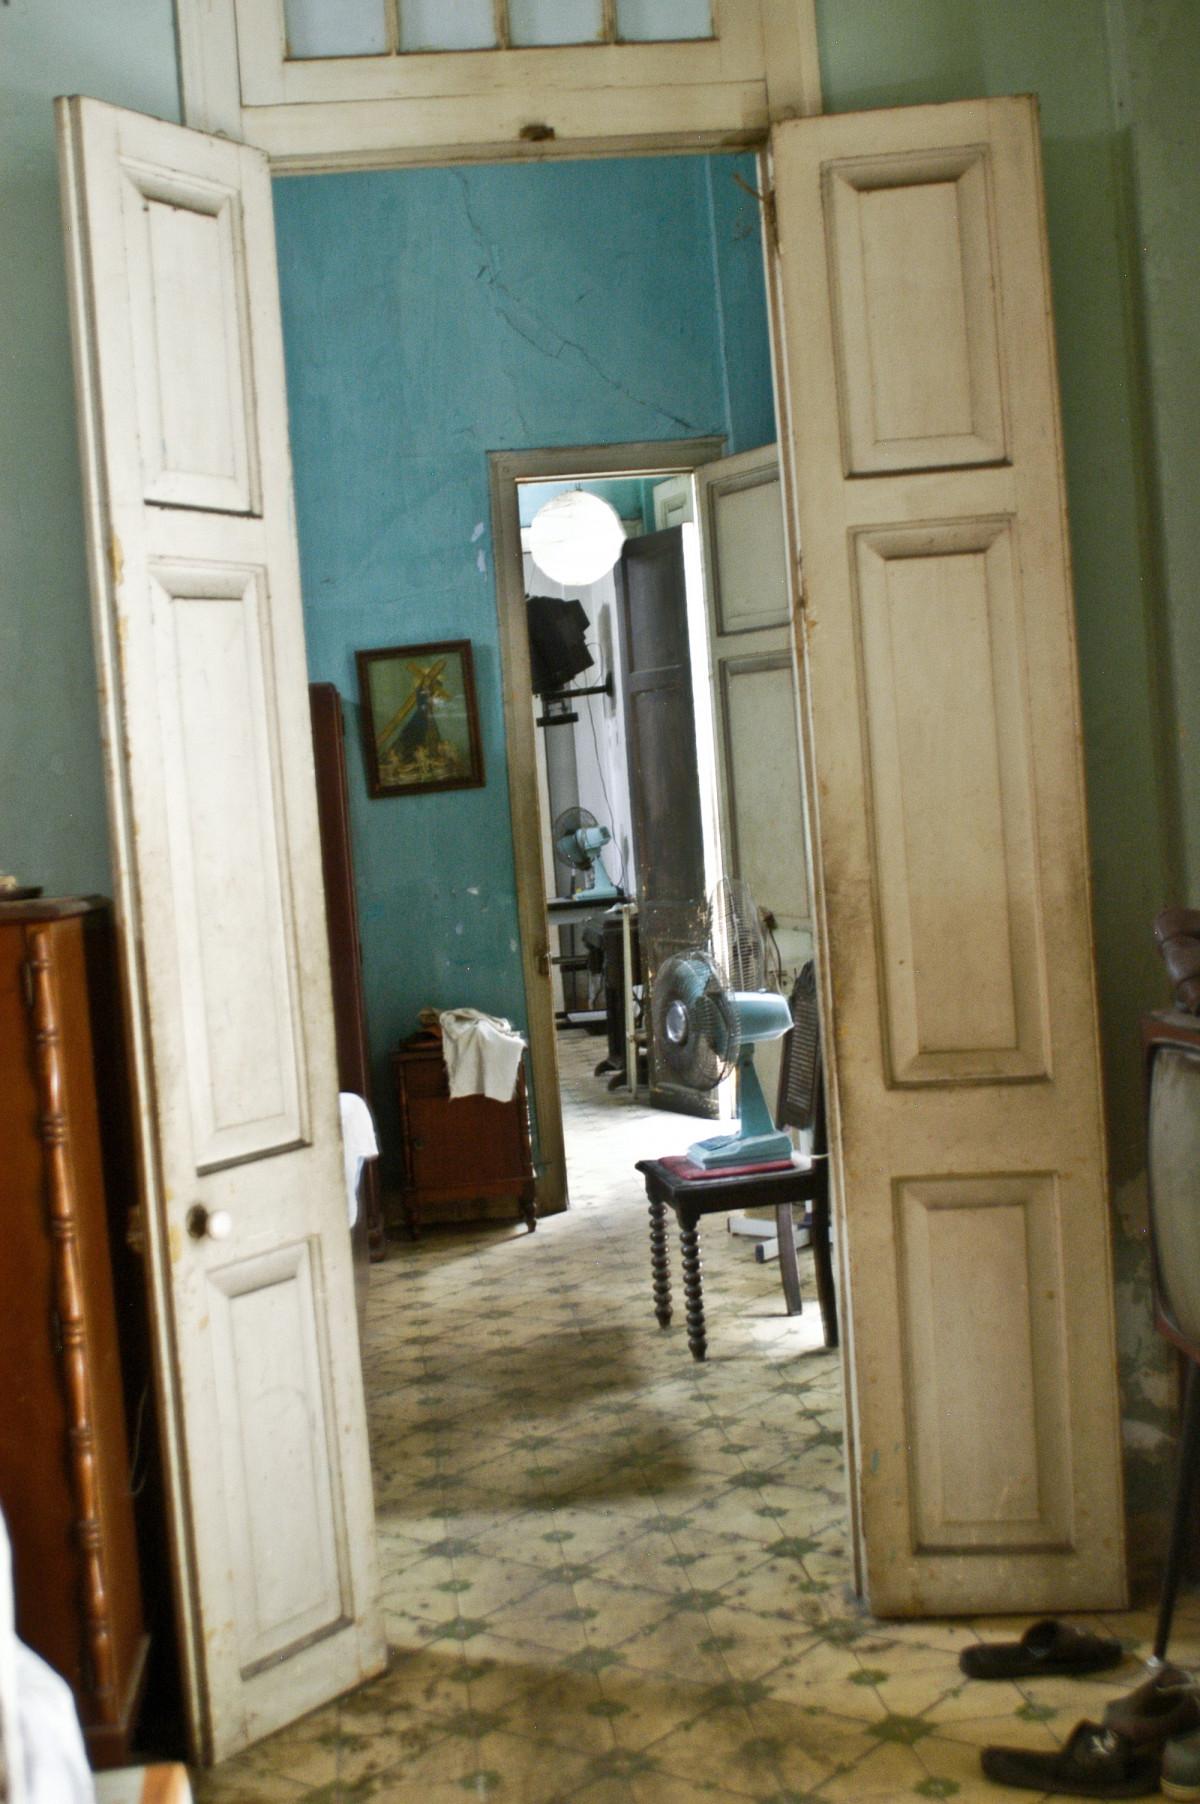 Images Gratuites Bois Manoir Maison Sol Fentre